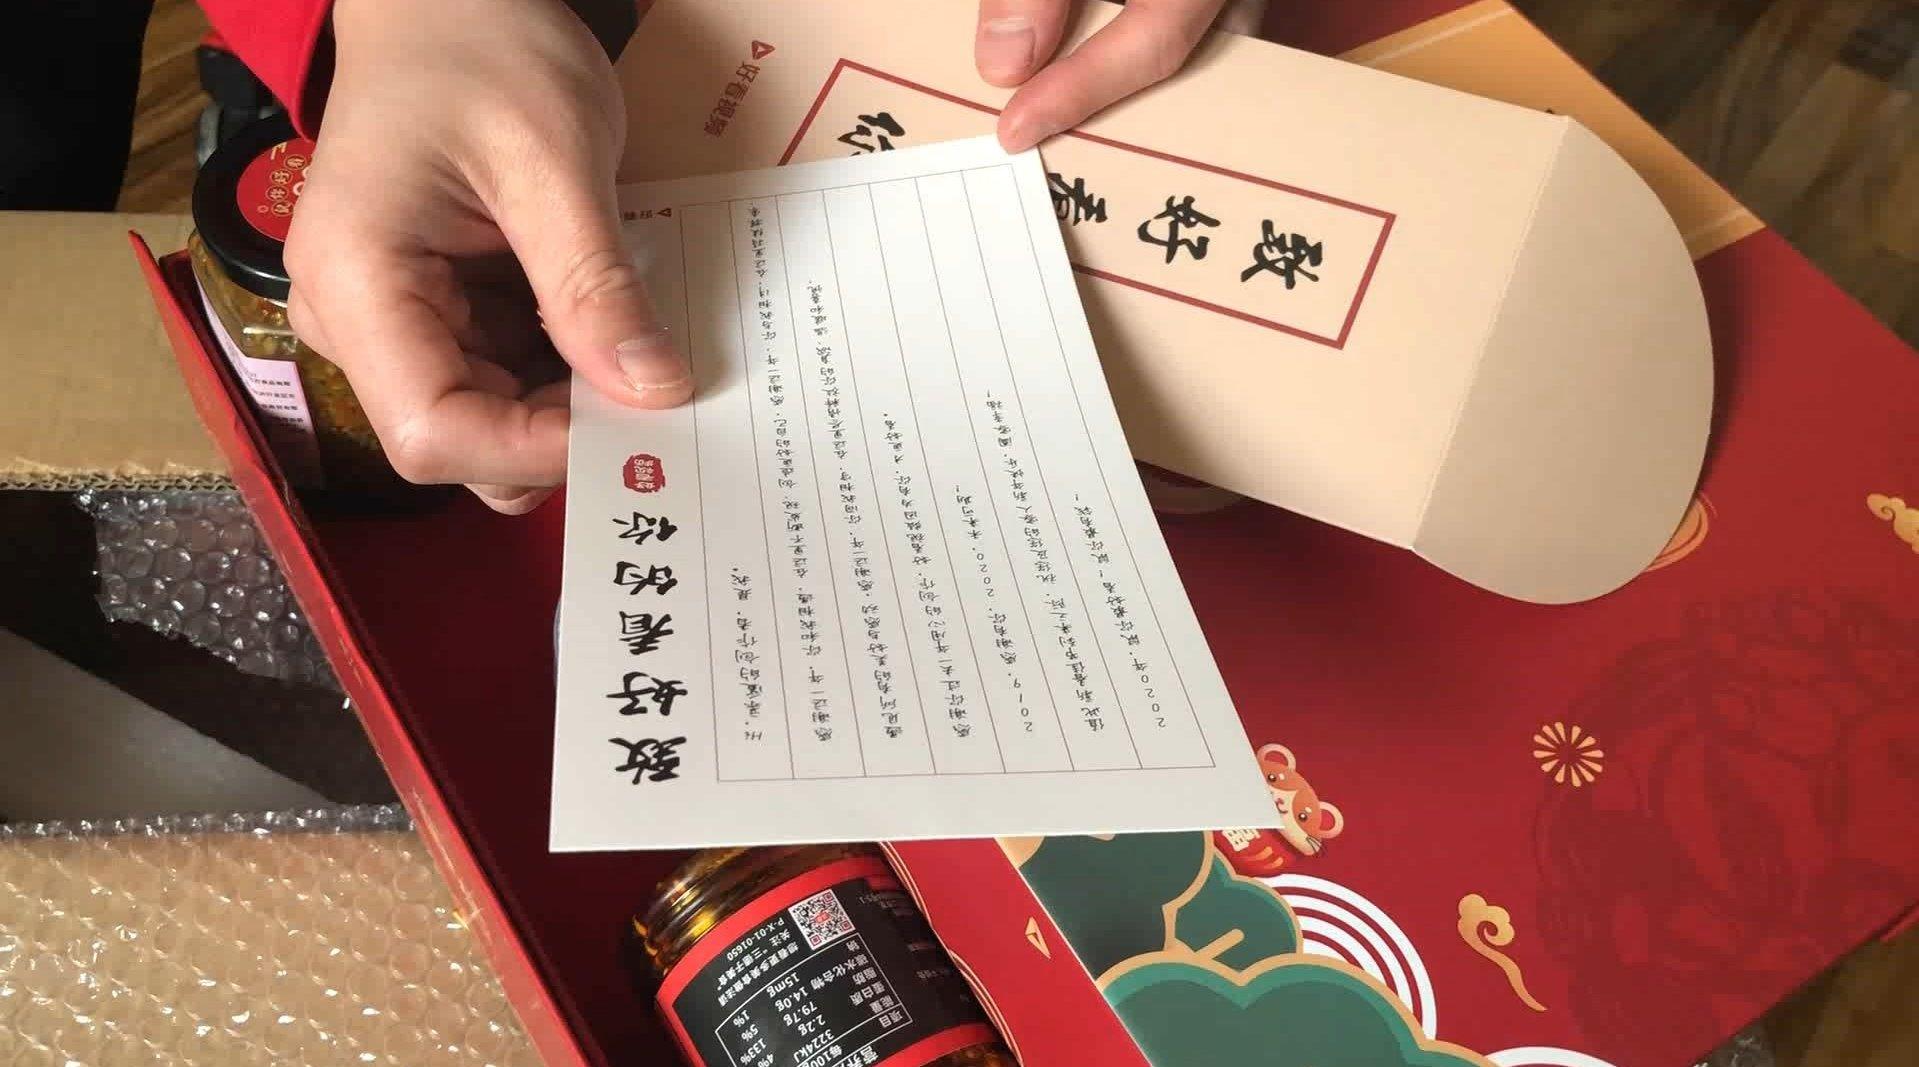 国内某自媒体平台送宇哥的神秘礼盒,里边都有什么呢?